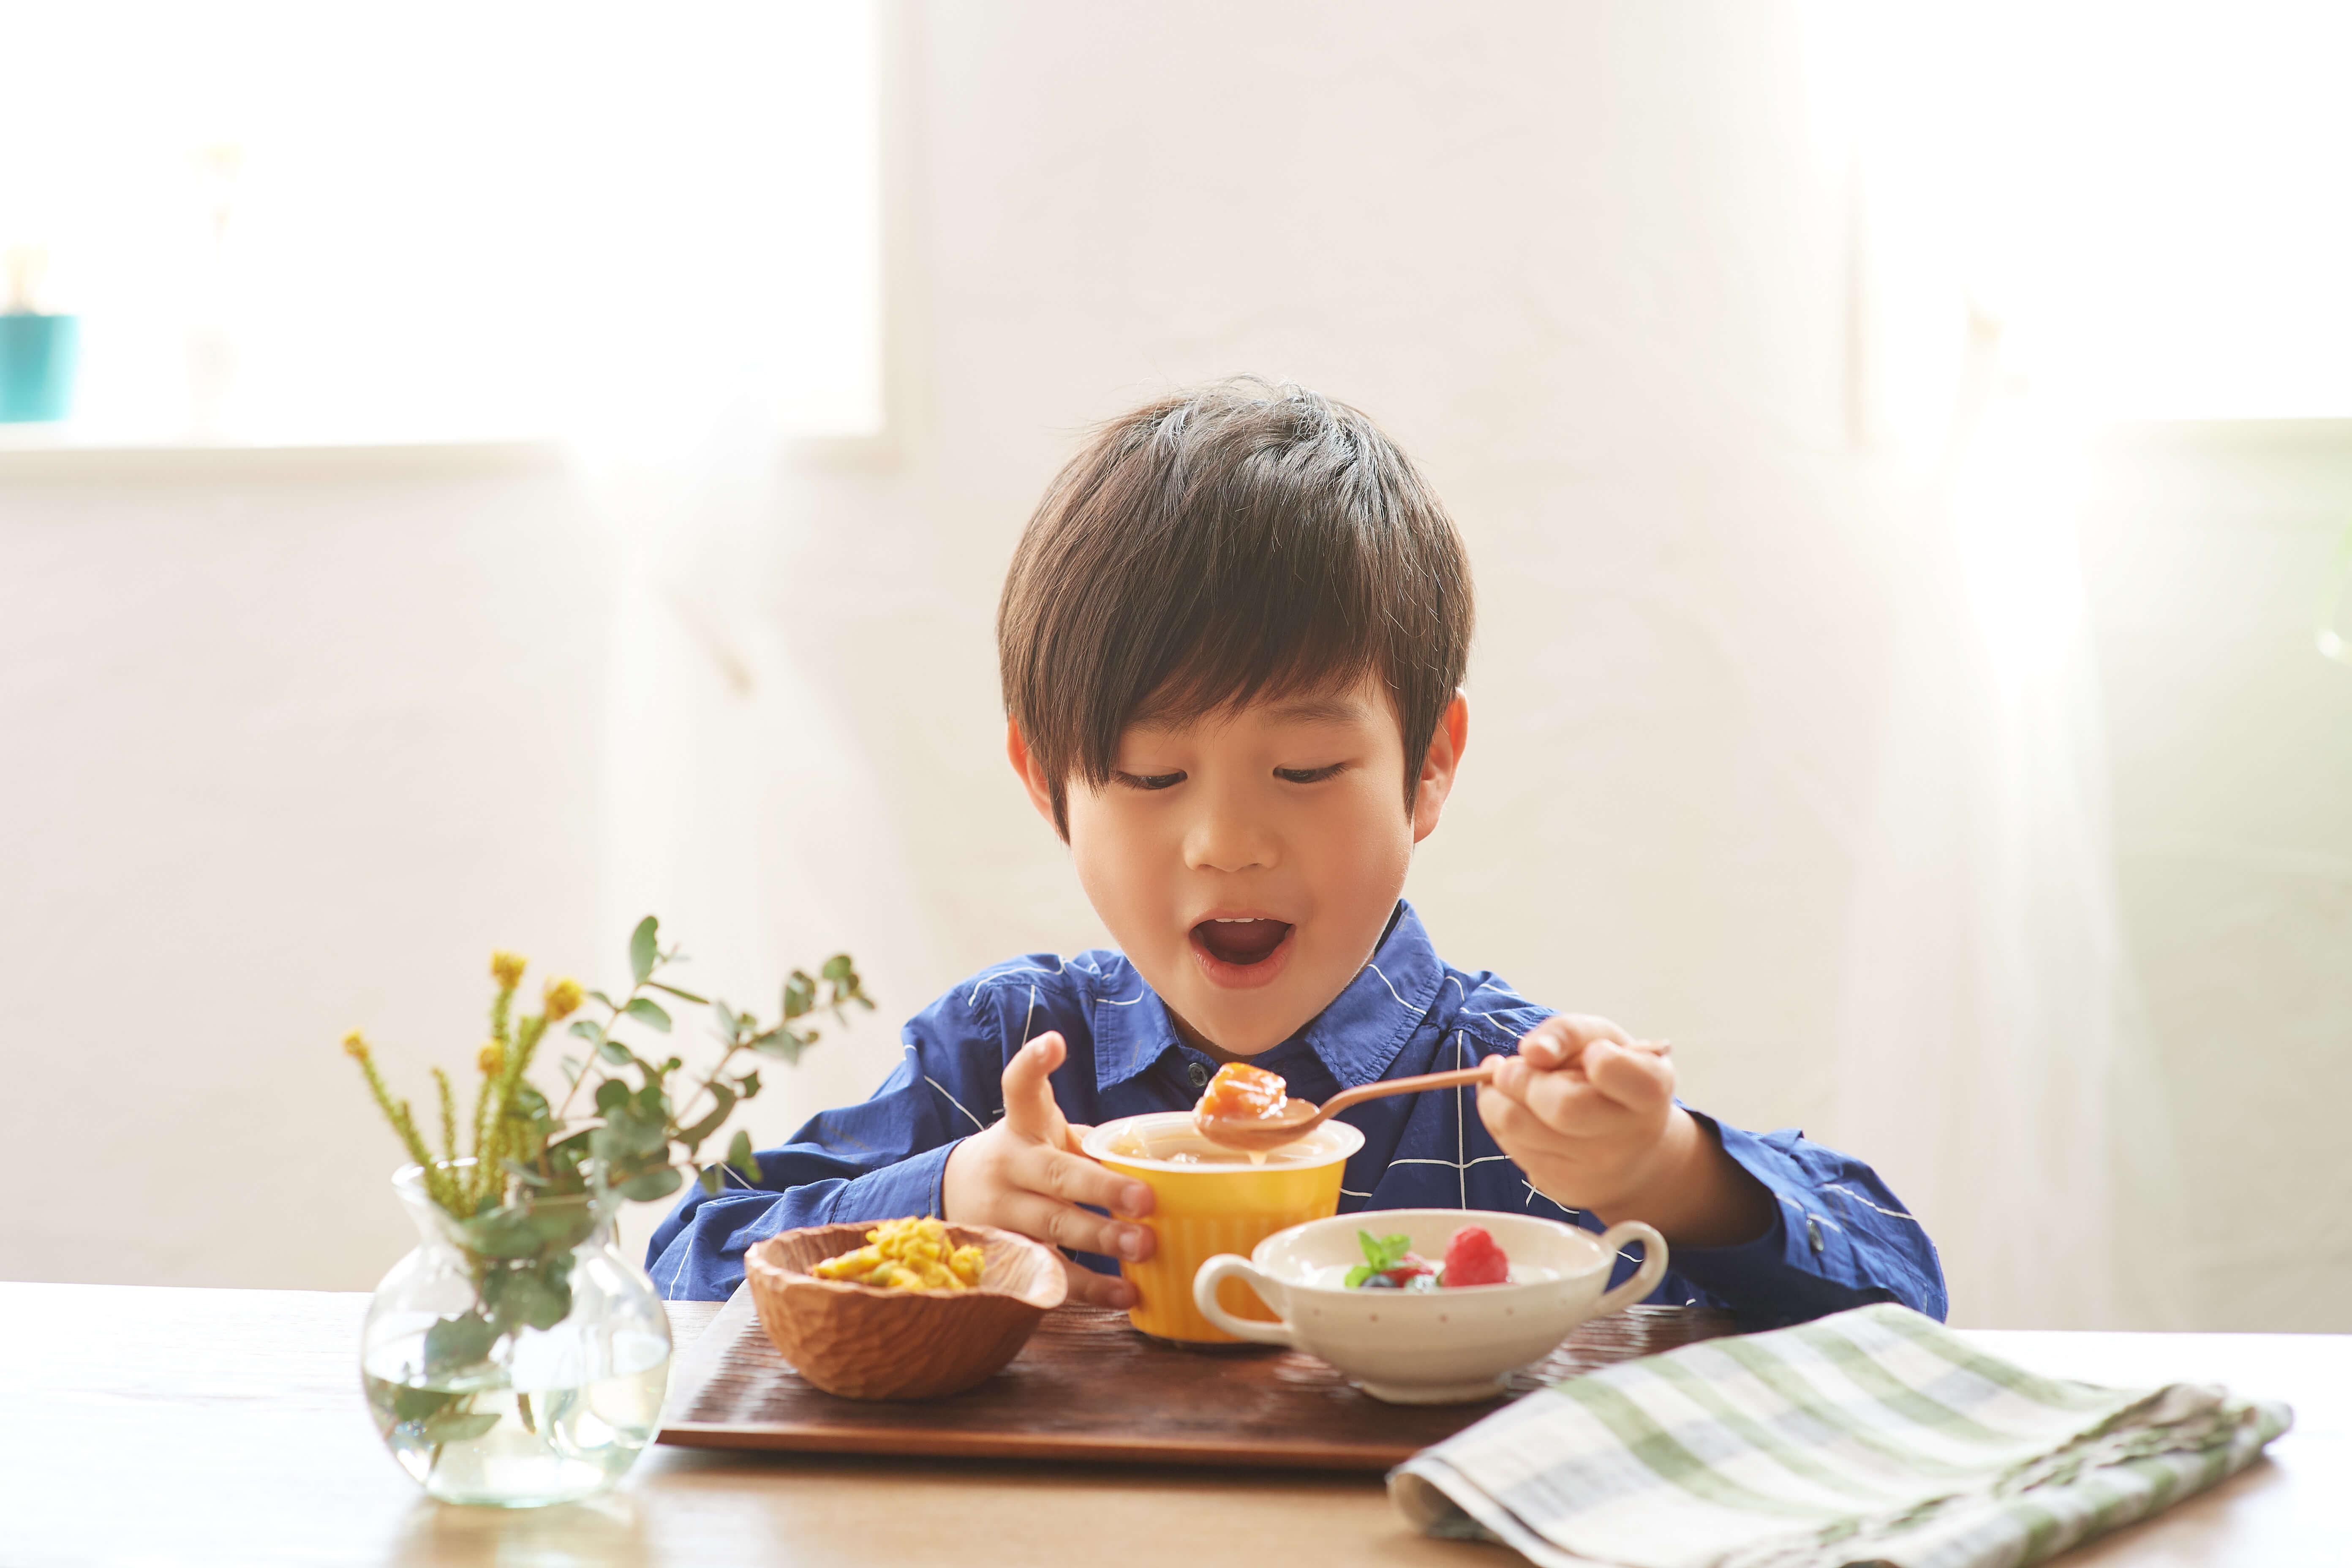 簡単!レンジで1分温めるだけ!の手軽さで大人気! 働くママの強い味方【国産野菜を食べるスープ】